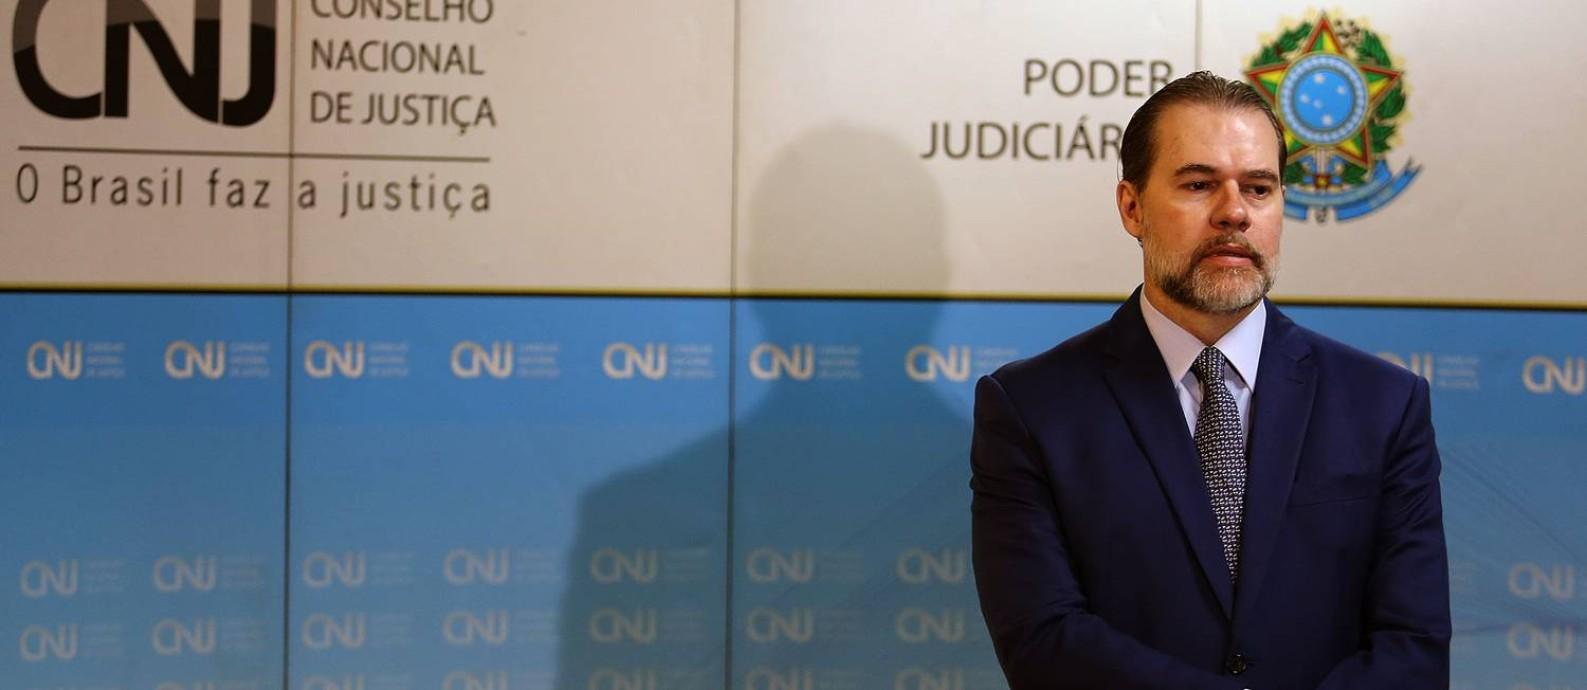 O CNJ tem até dia 15 deste mês para apresentar um plano para a aplicação da nova norma Foto: Jorge William / Agência O Globo